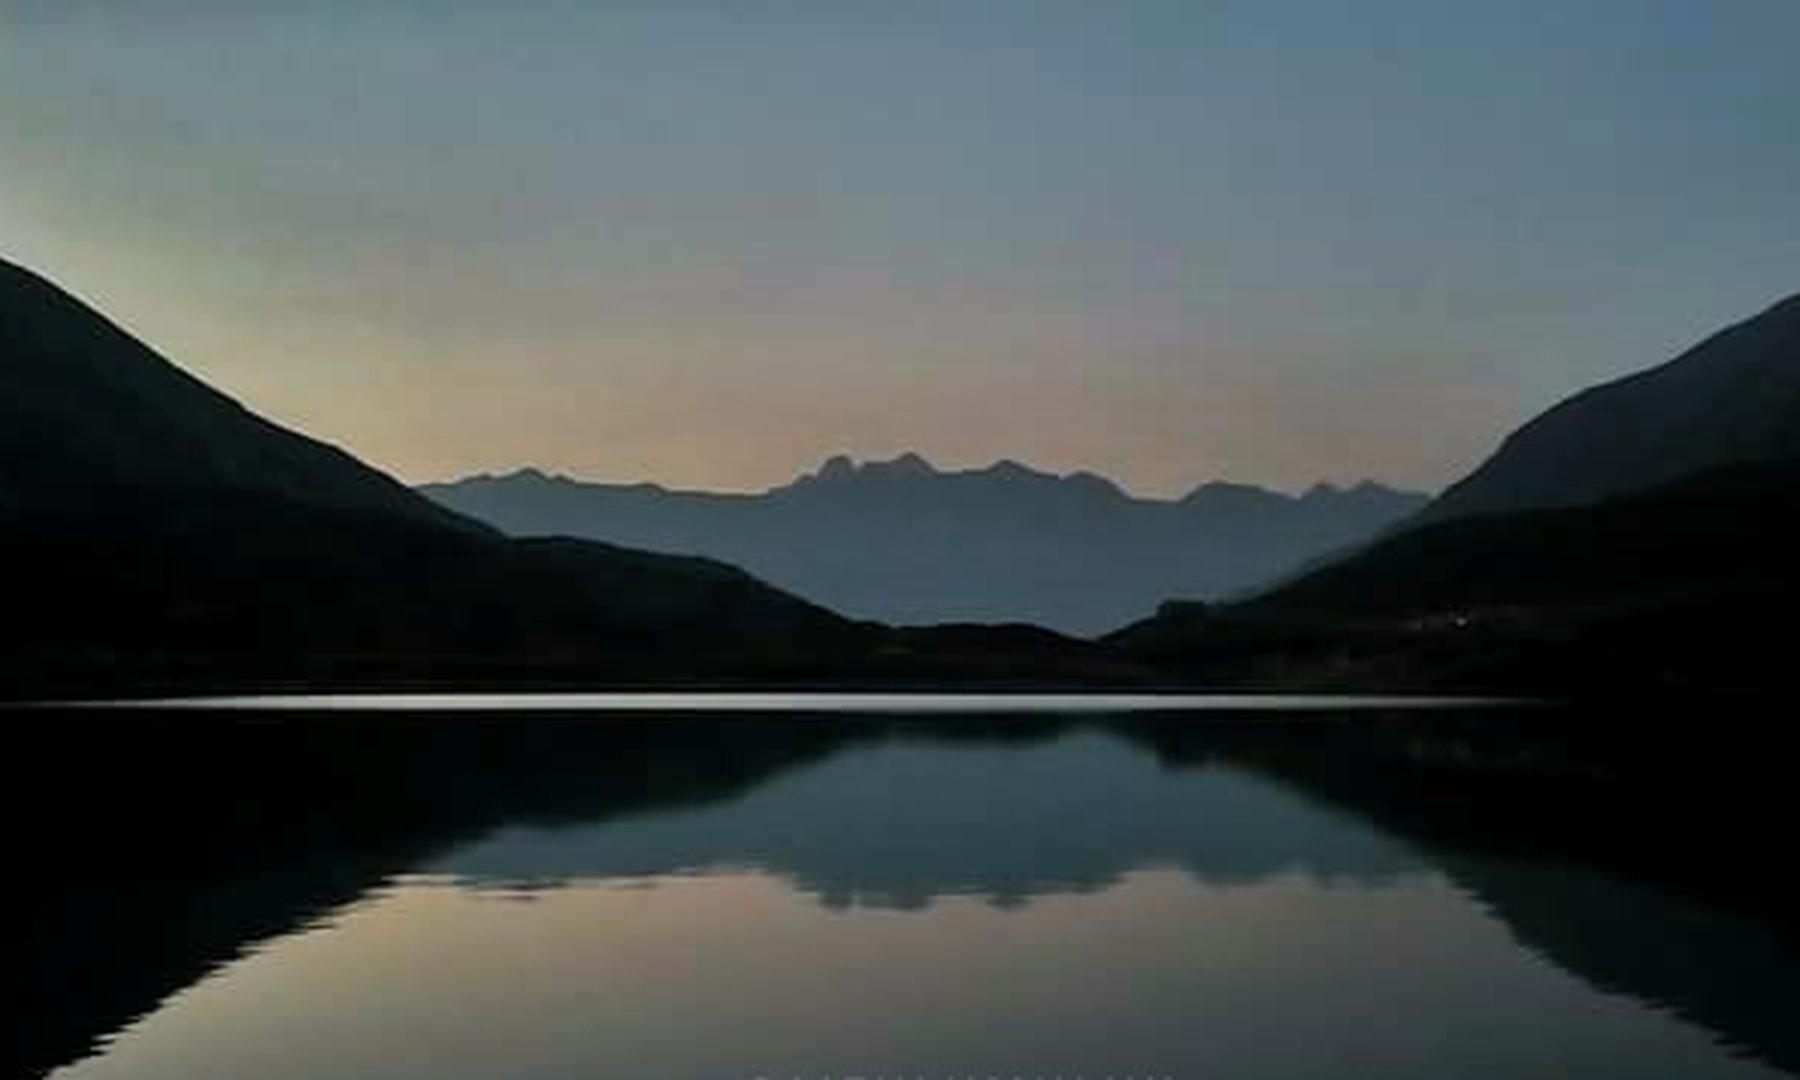 رات میں لی گئی سیف الملوک کی ایک خوبصورت تصویر—تصویر محمد احسن